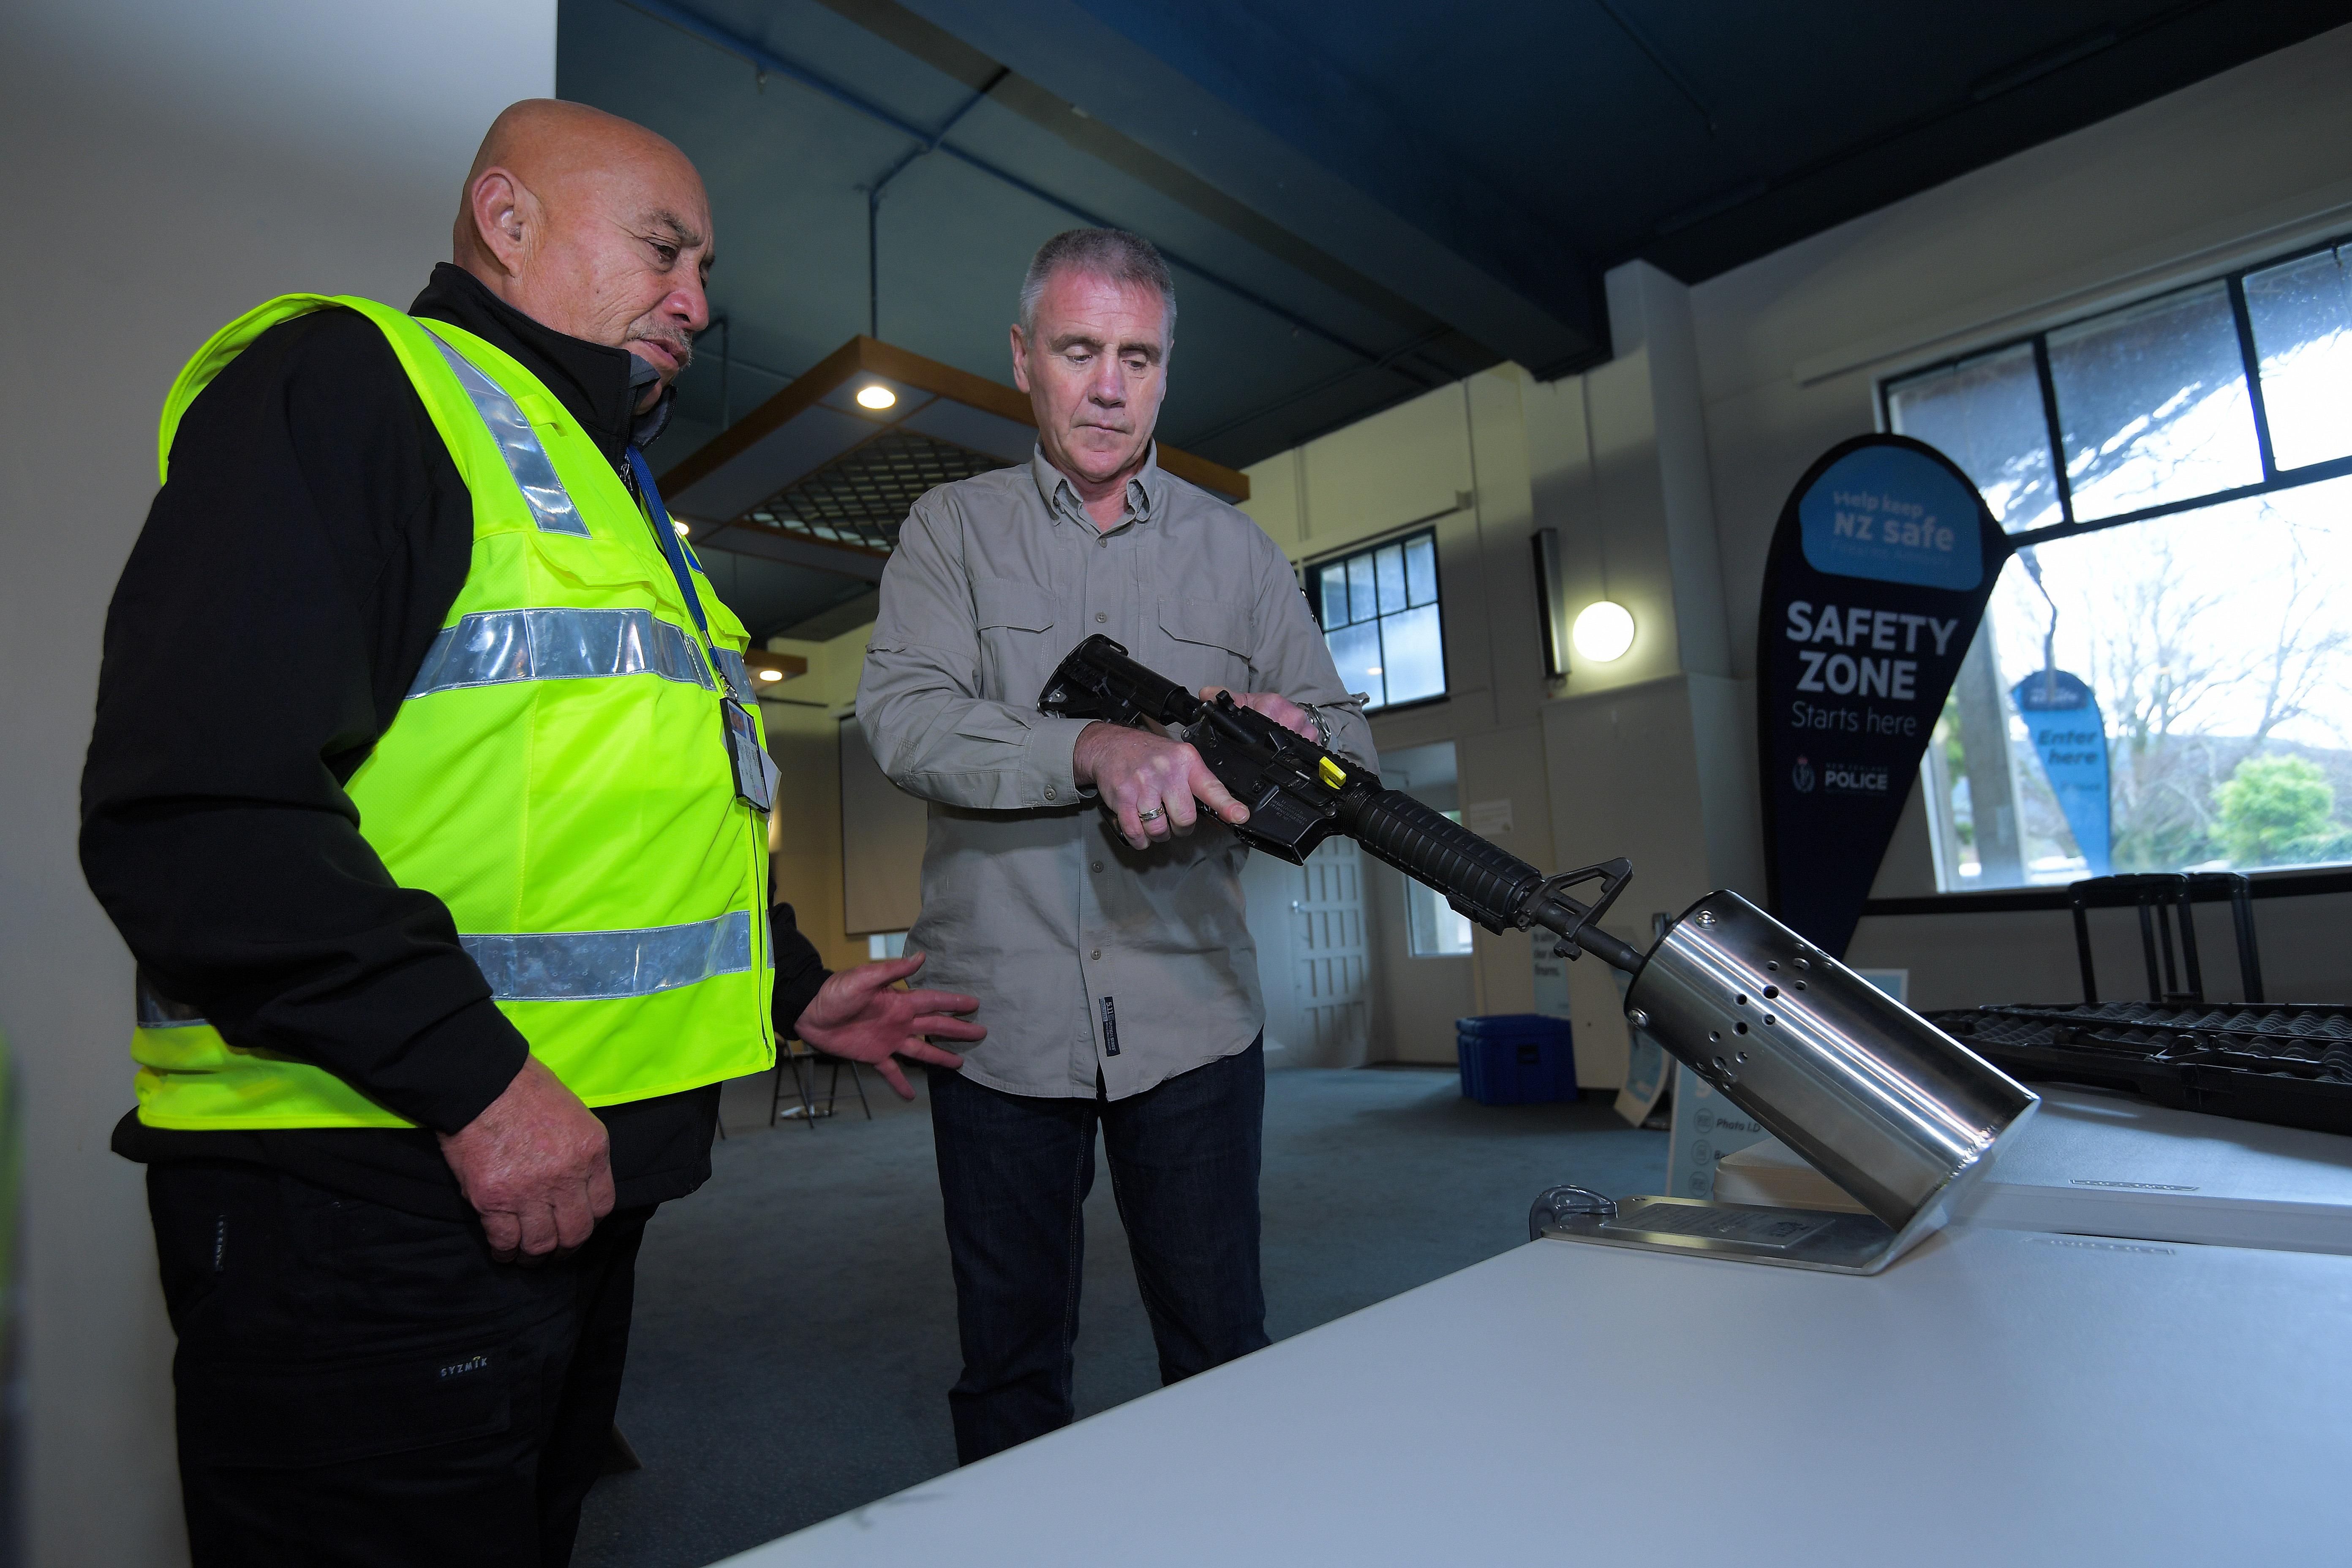 Új-Zélandon 31 ezren adták le az illegálisan tartott fegyverüket